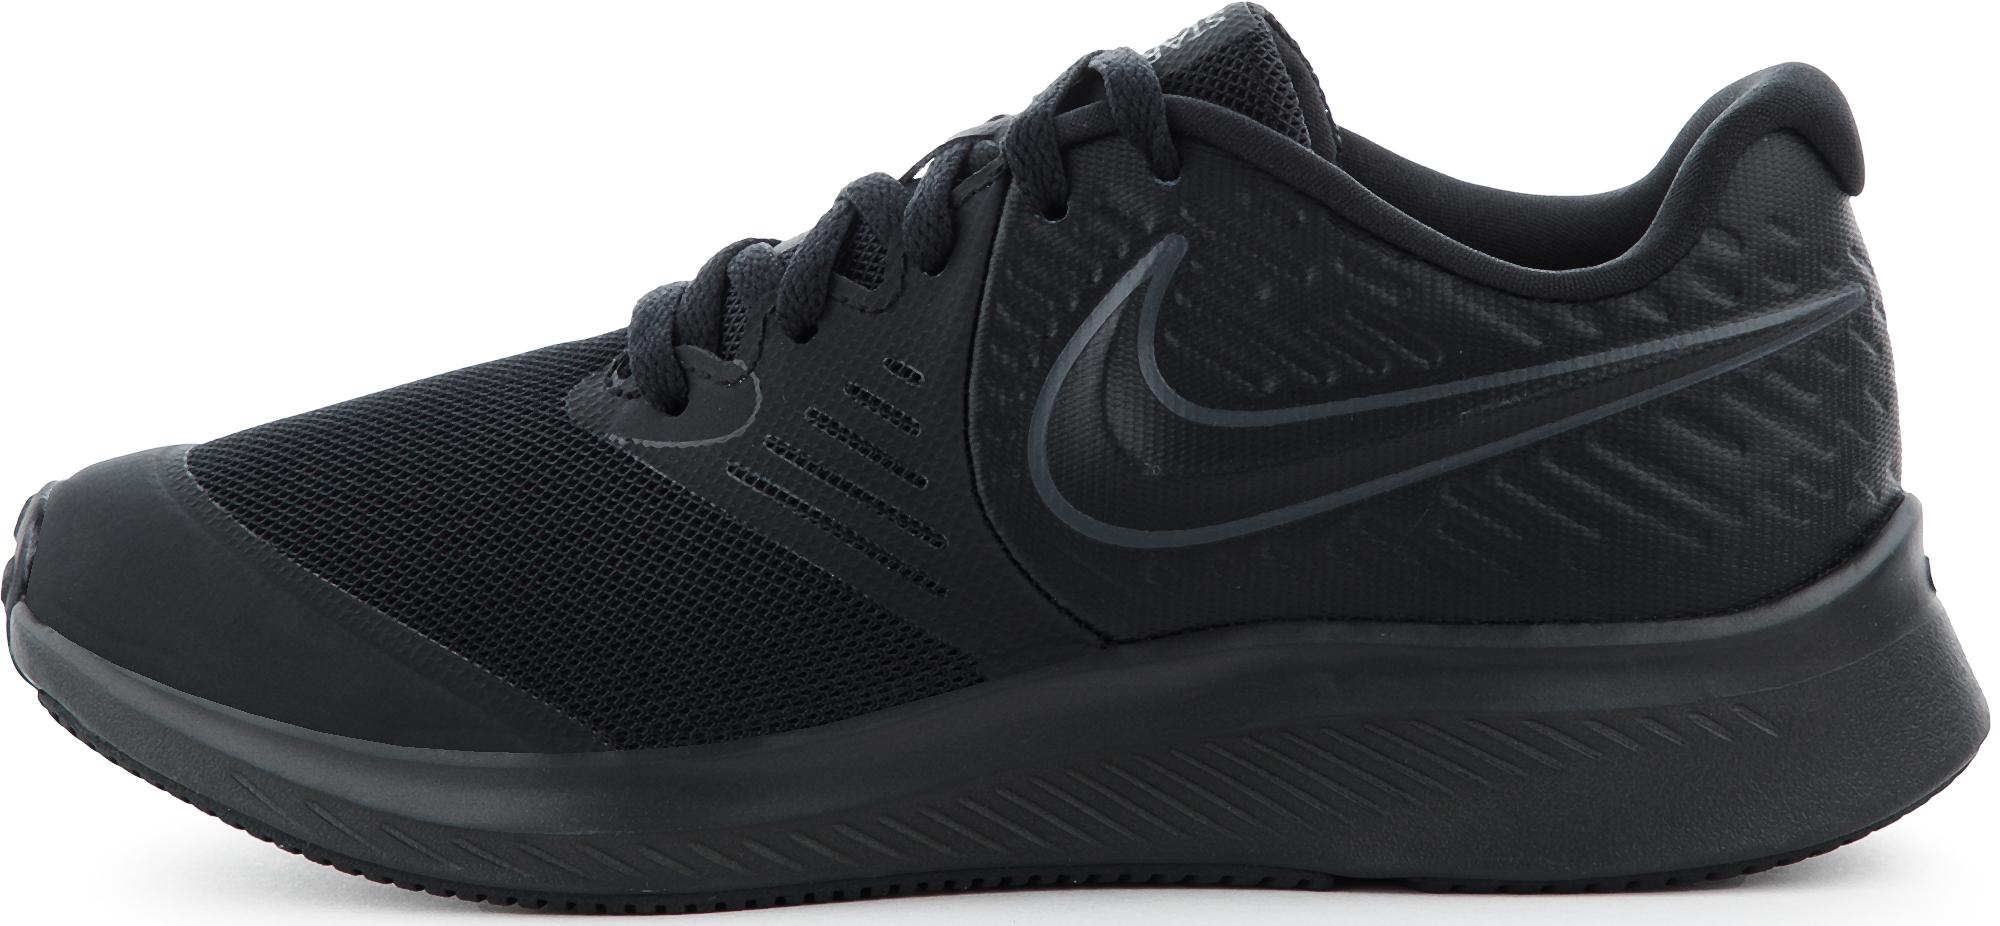 купить Nike Кроссовки детские Nike Star Runner 2 (Gs), размер 37,5 по цене 2999 рублей